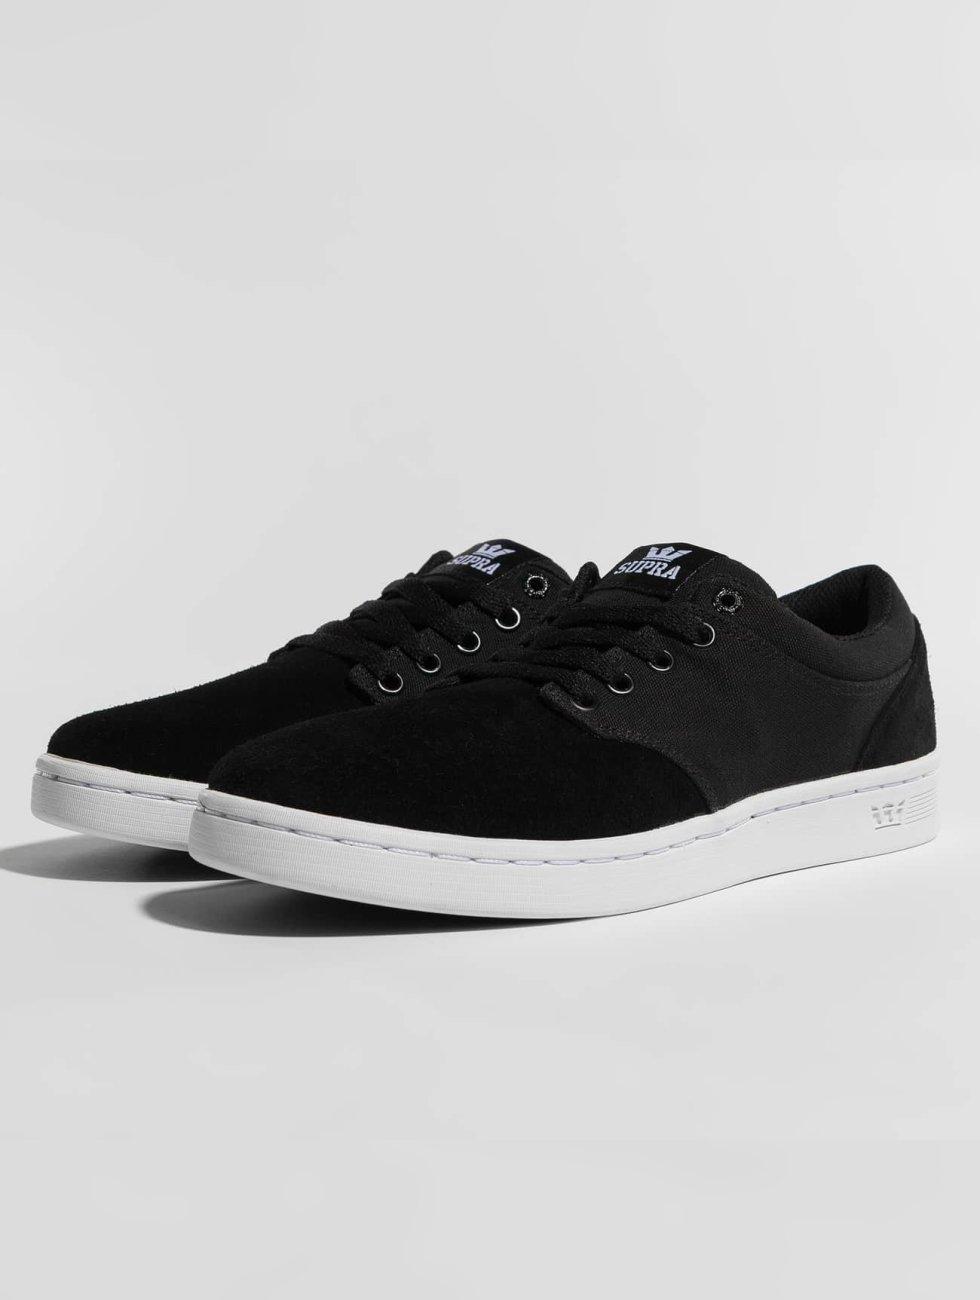 Supra Herren Sneaker Chino in Court in Chino schwarz 455942 4e7520